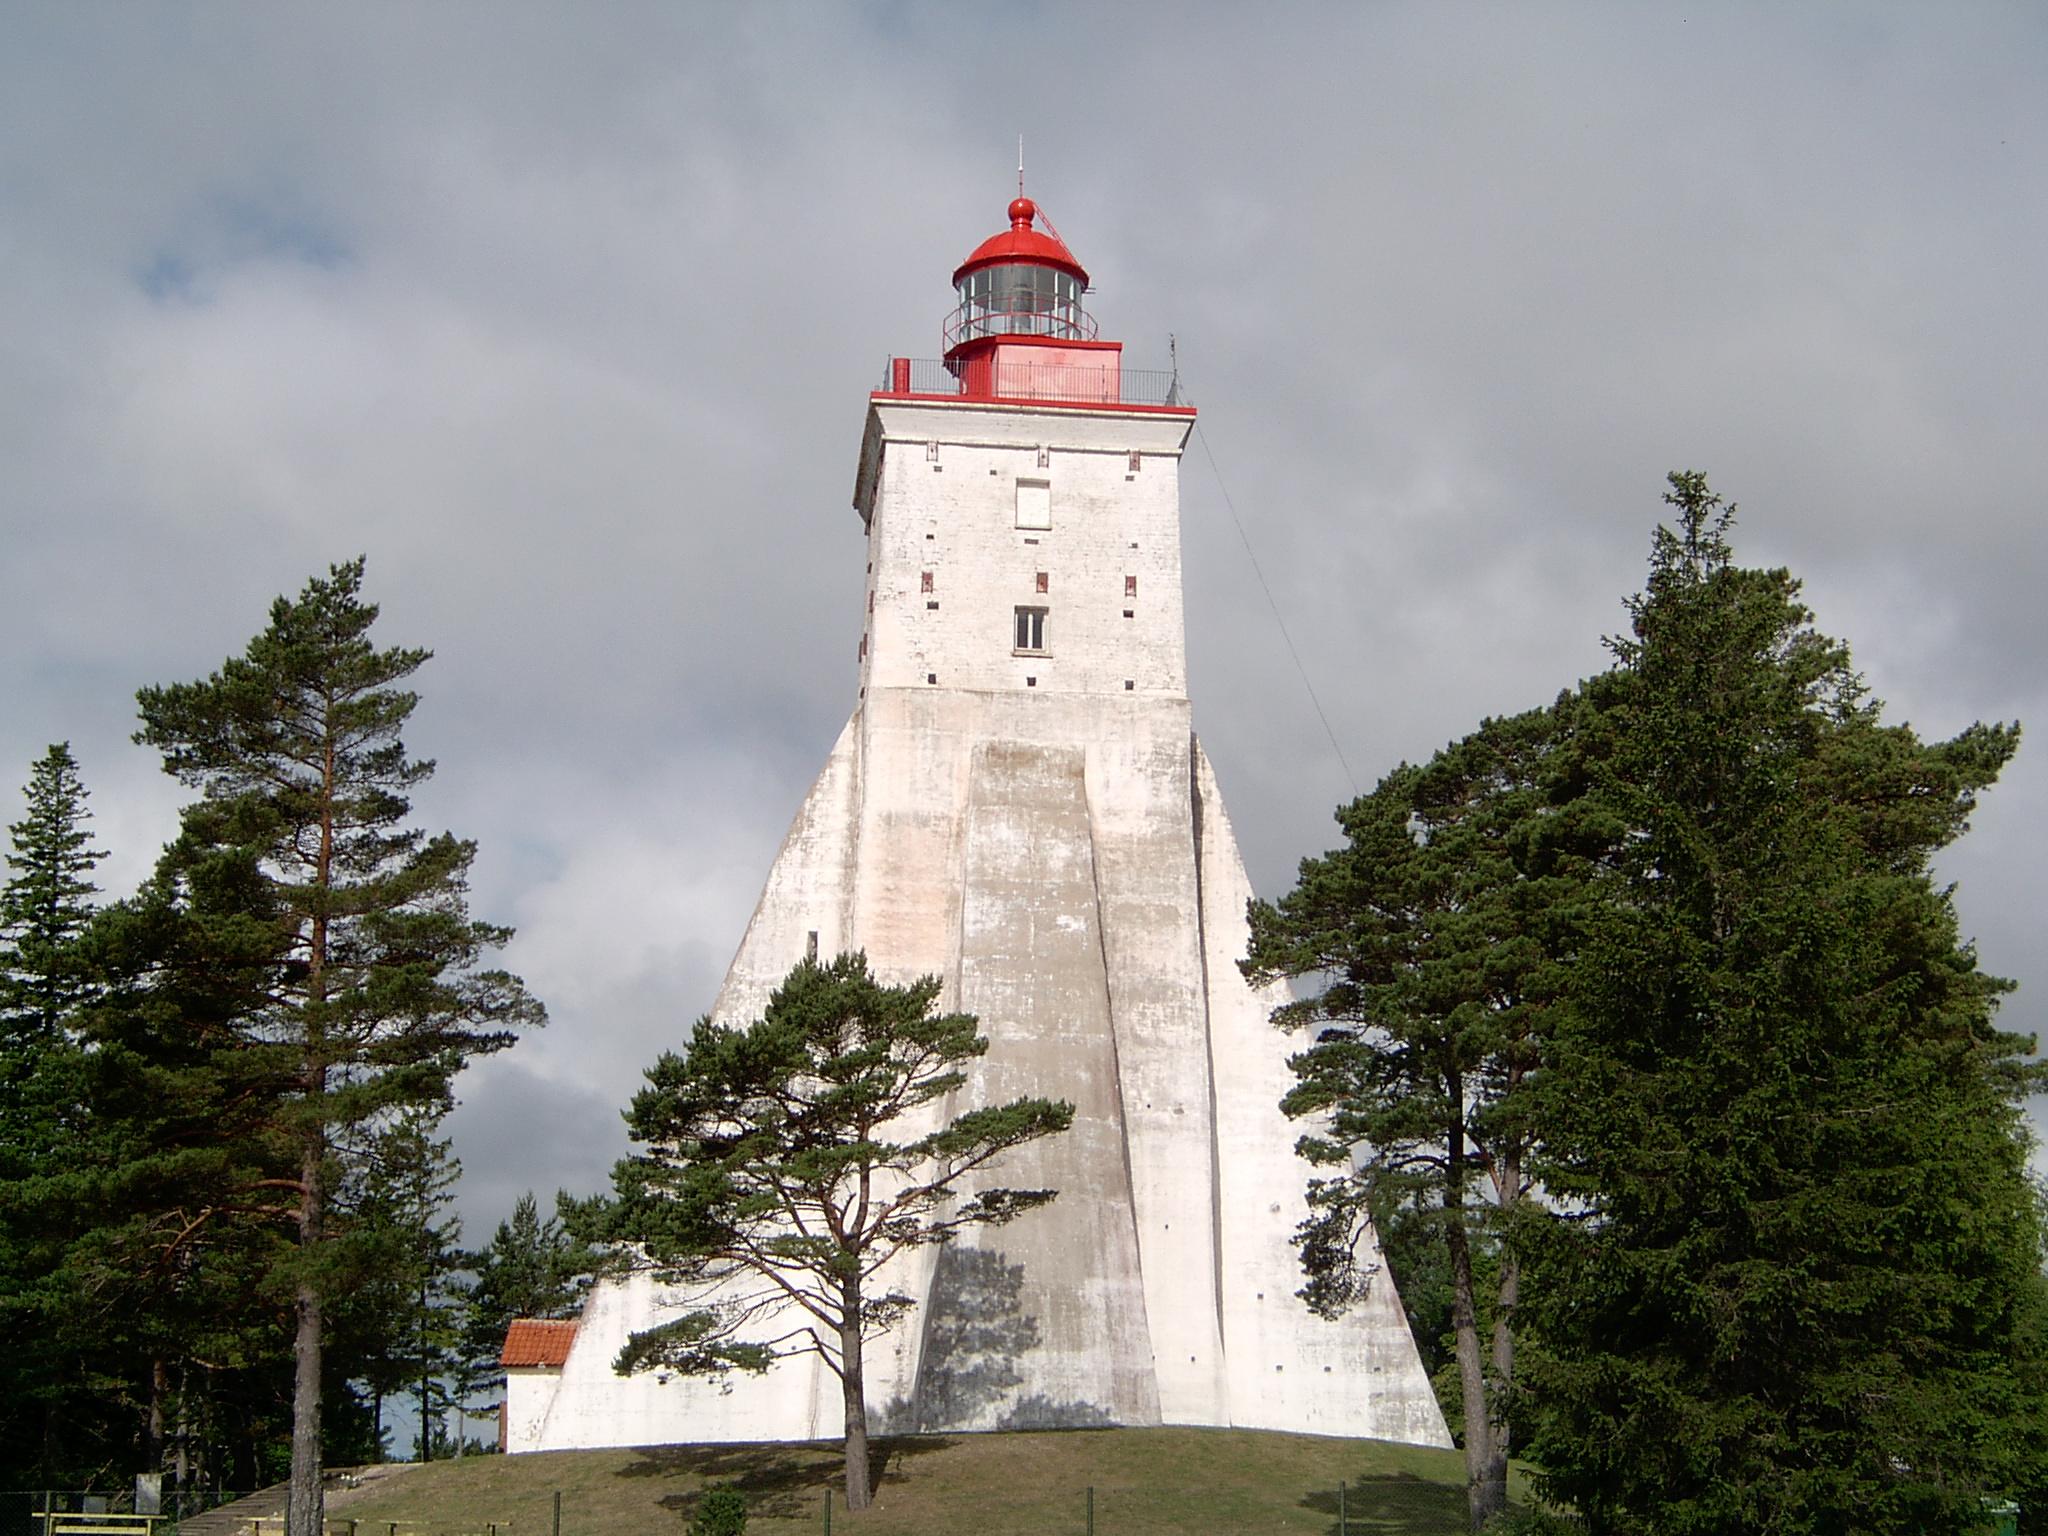 Kõpu lighthouse 2003.jpg